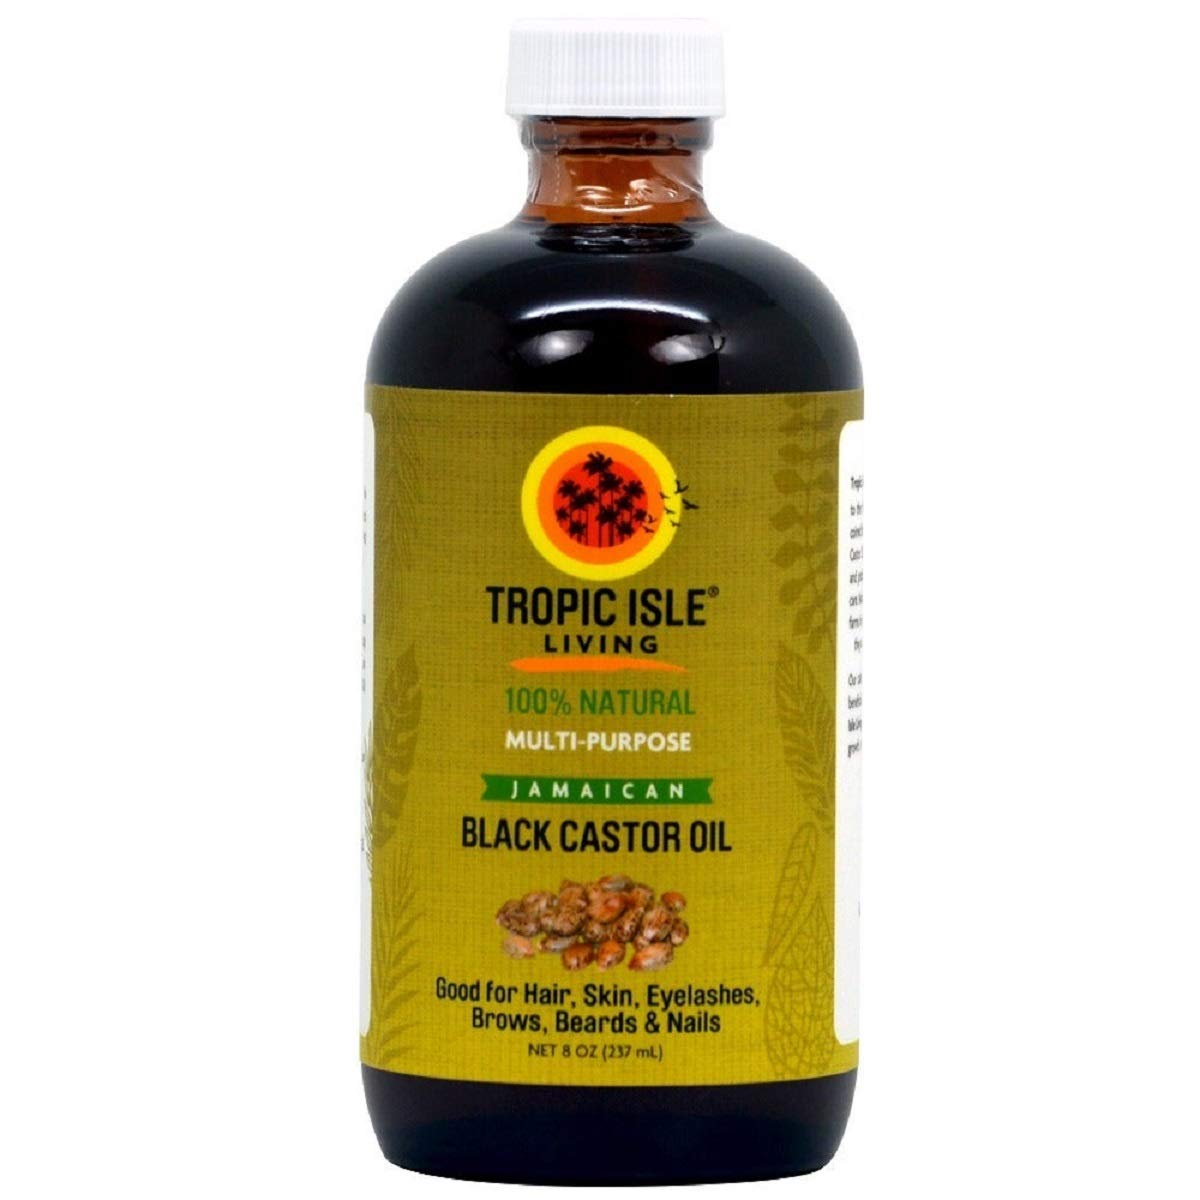 Tropic Isle Living Jamaican Black Castor Oil - Glass Bottle, 8 oz. / 237 ml.